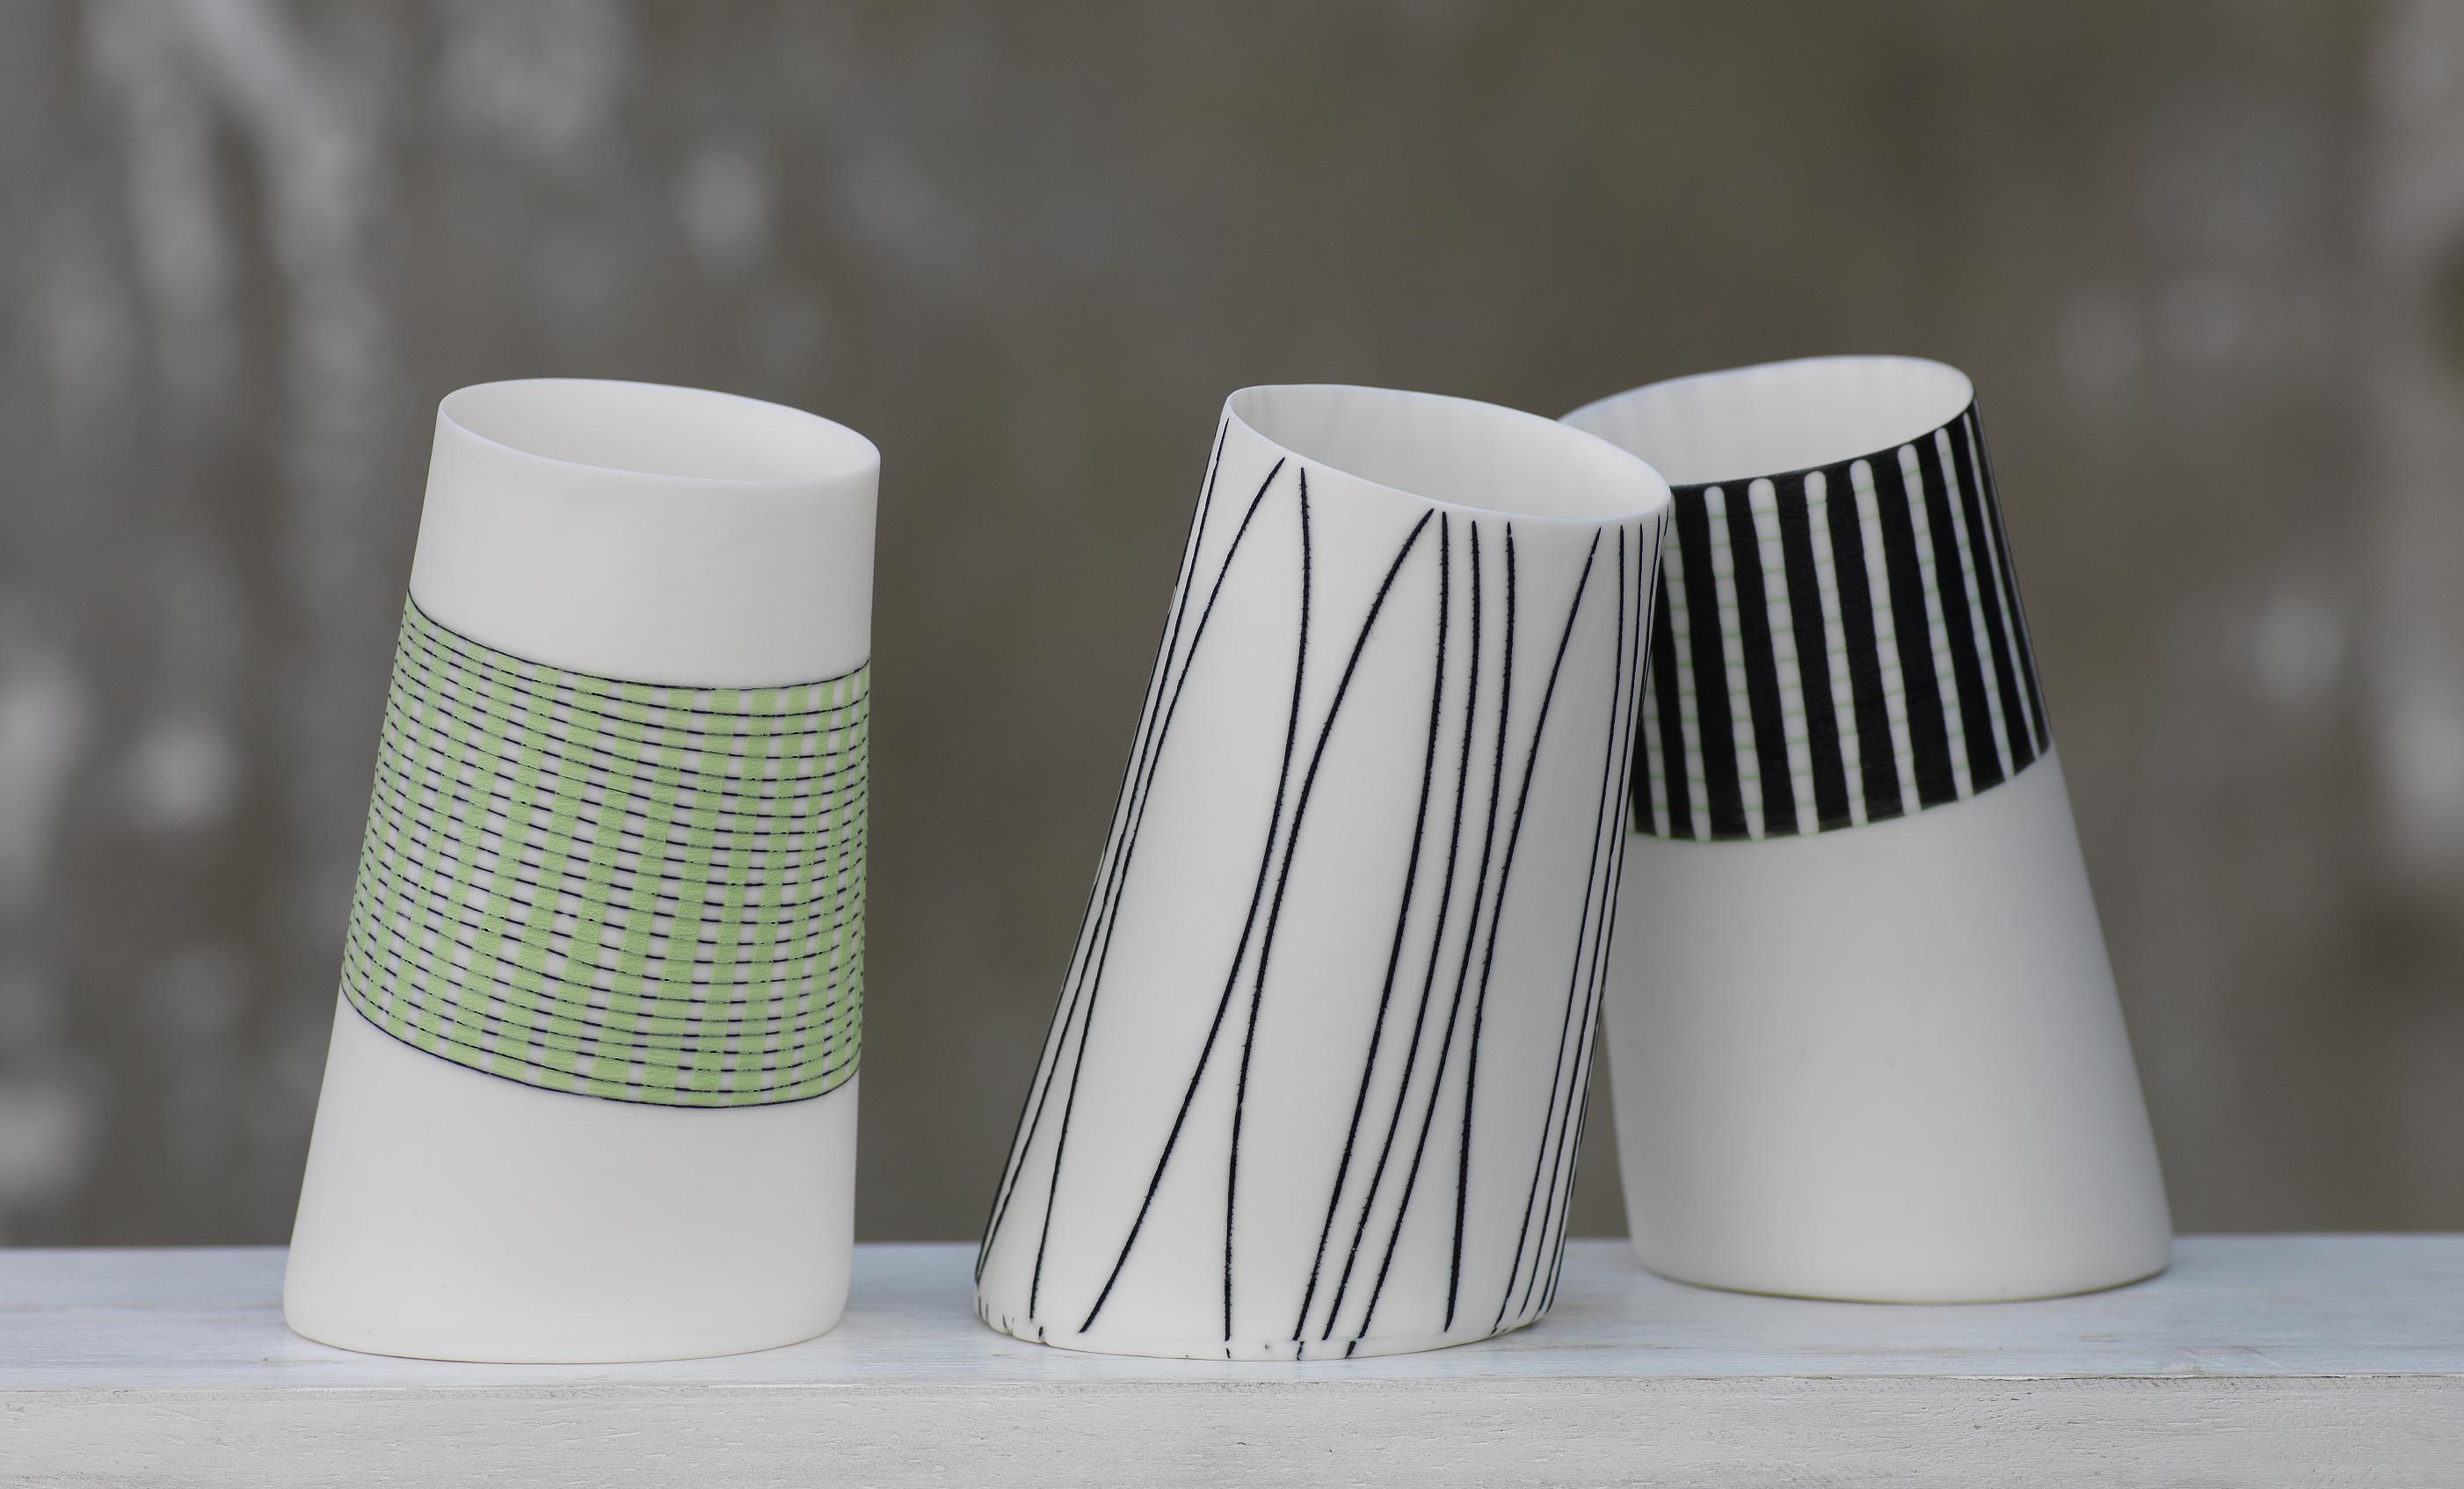 Set of Tilting Vessels